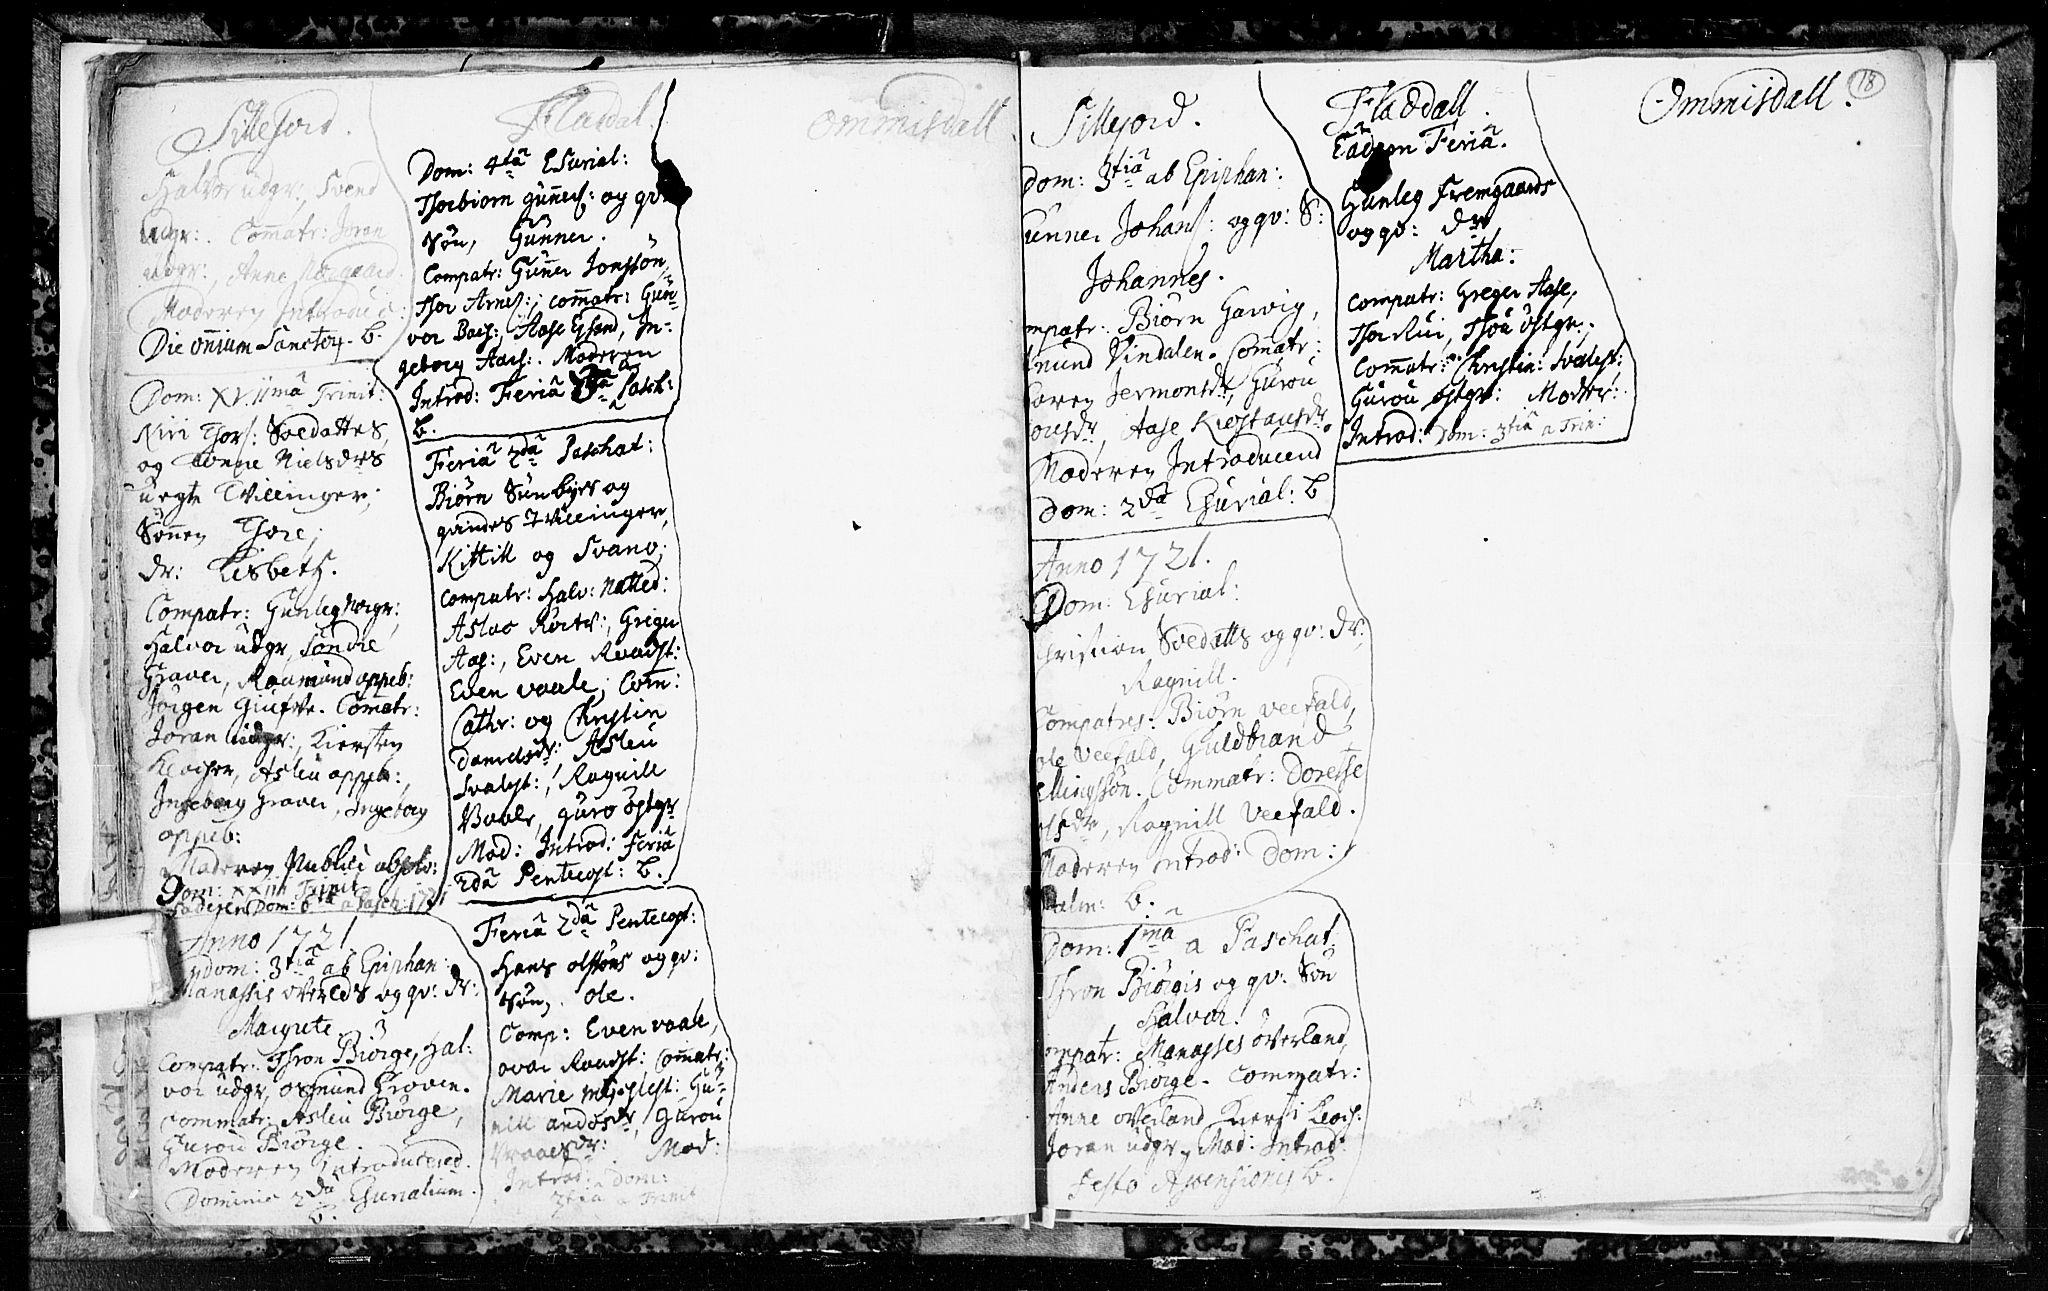 SAKO, Seljord kirkebøker, F/Fa/L0003: Ministerialbok nr. I 3, 1714-1725, s. 18